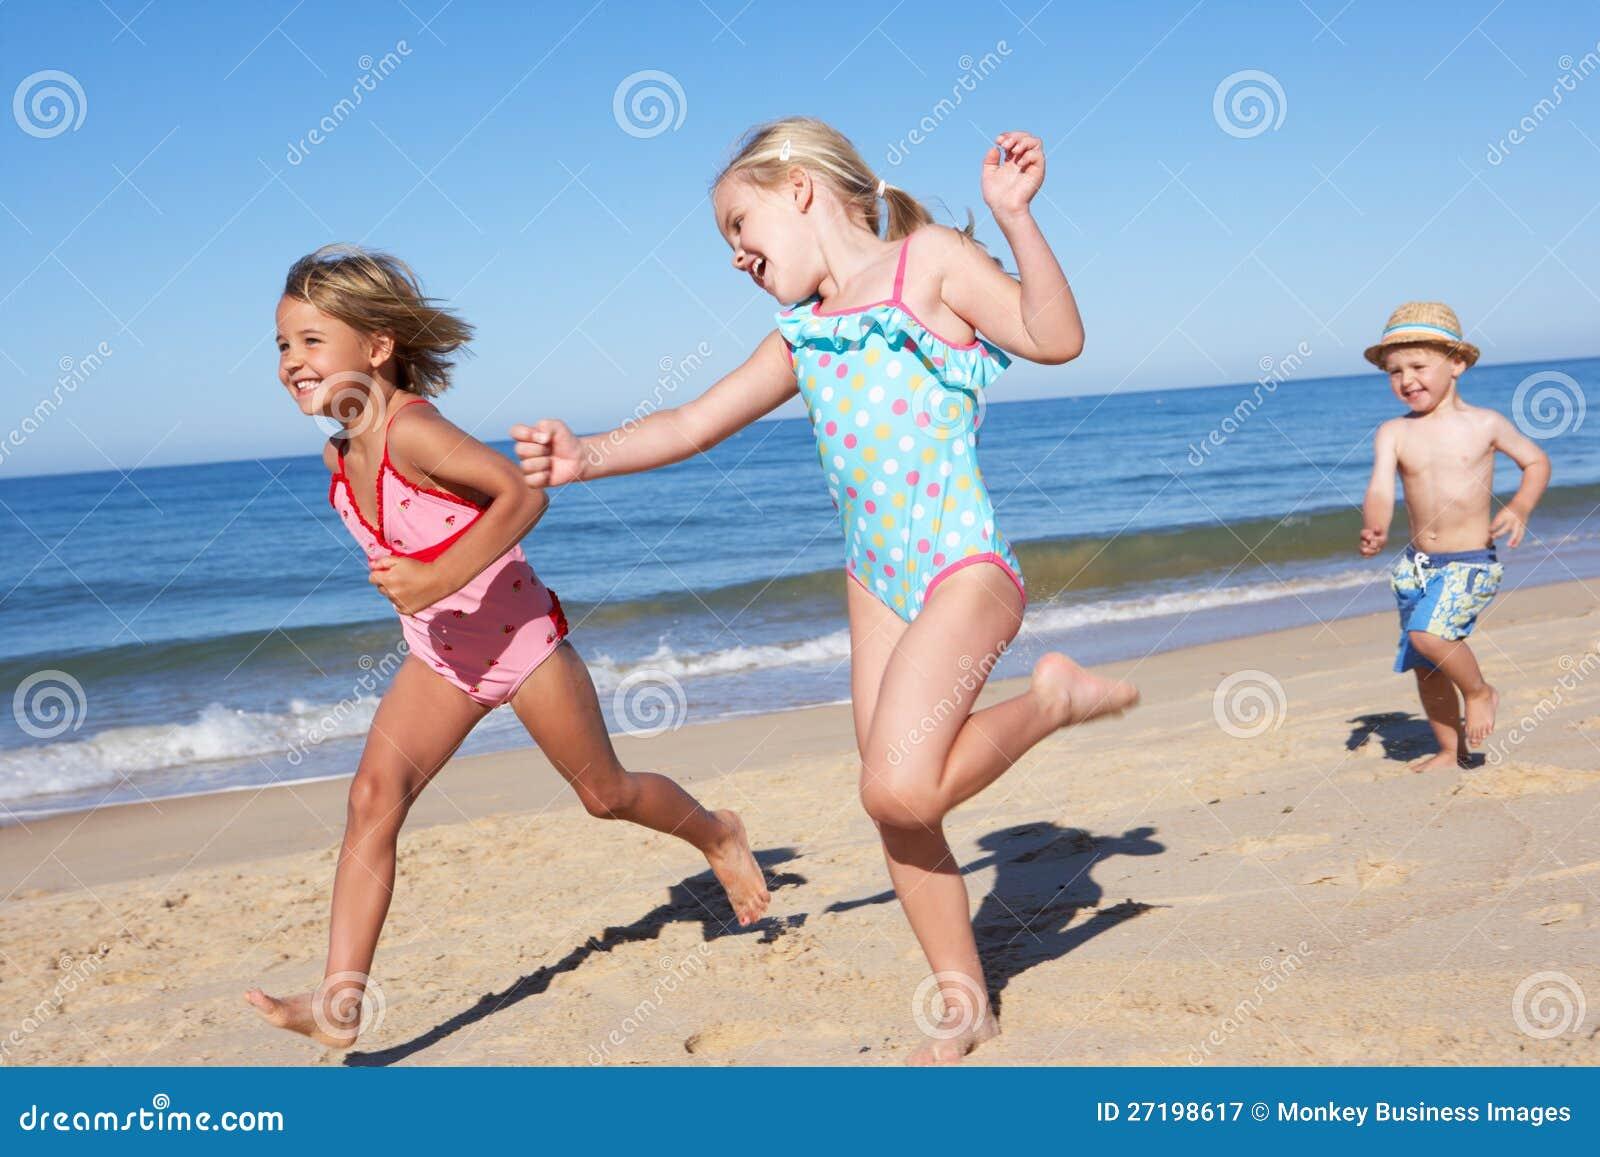 drei kinder die entlang strand laufen stockbild bild 27198617. Black Bedroom Furniture Sets. Home Design Ideas